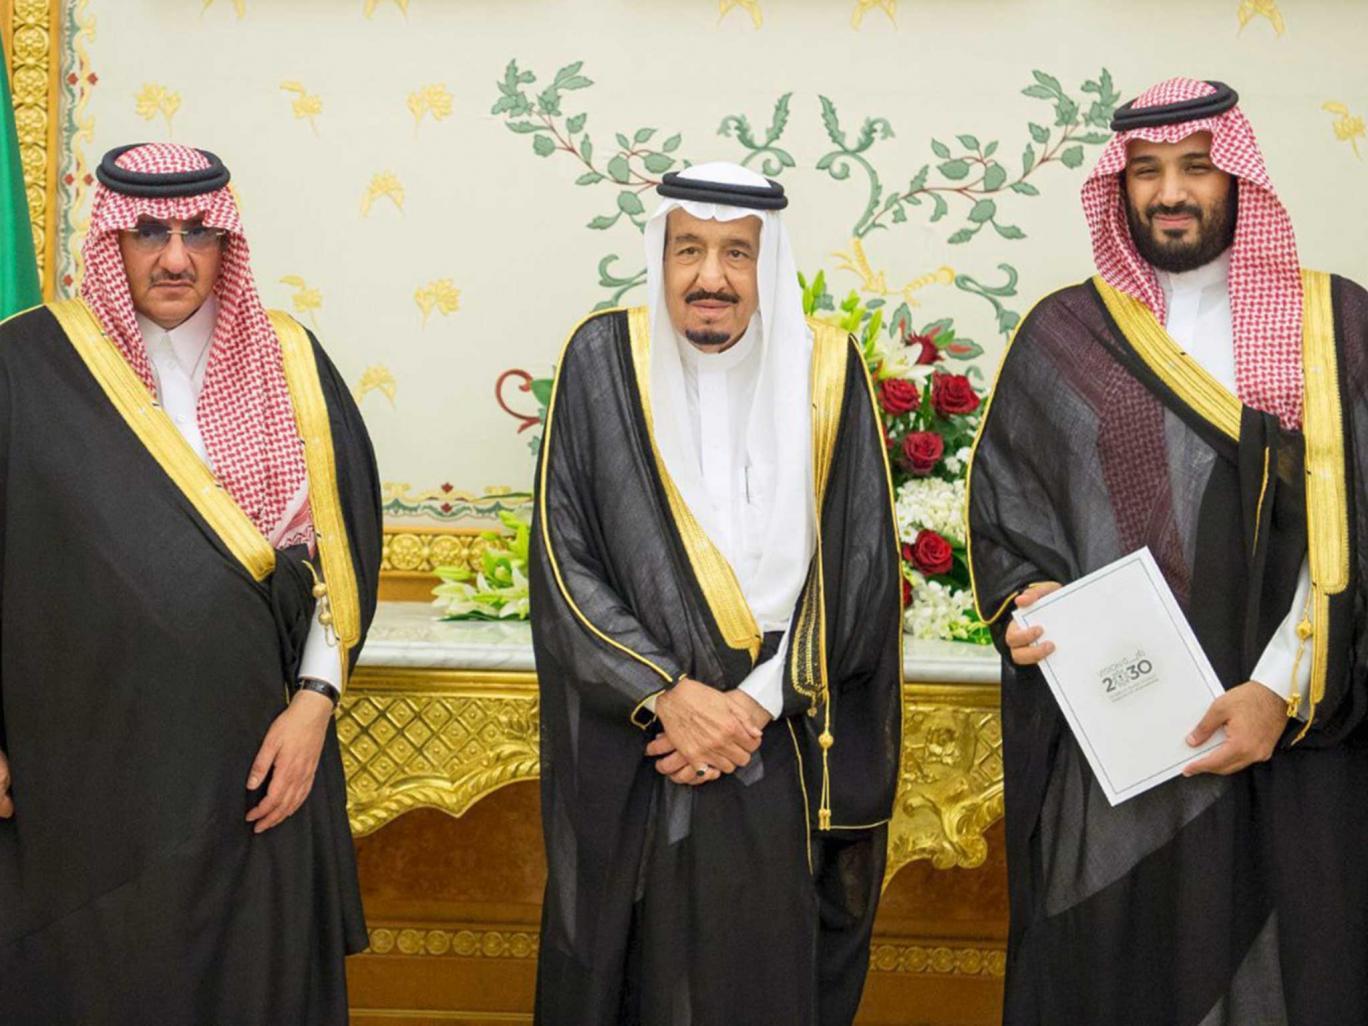 تنش بیسابقه در روابط ریاض و واشنگتن؛ باید منتظر افول بیشتر قدرت عربستان بود